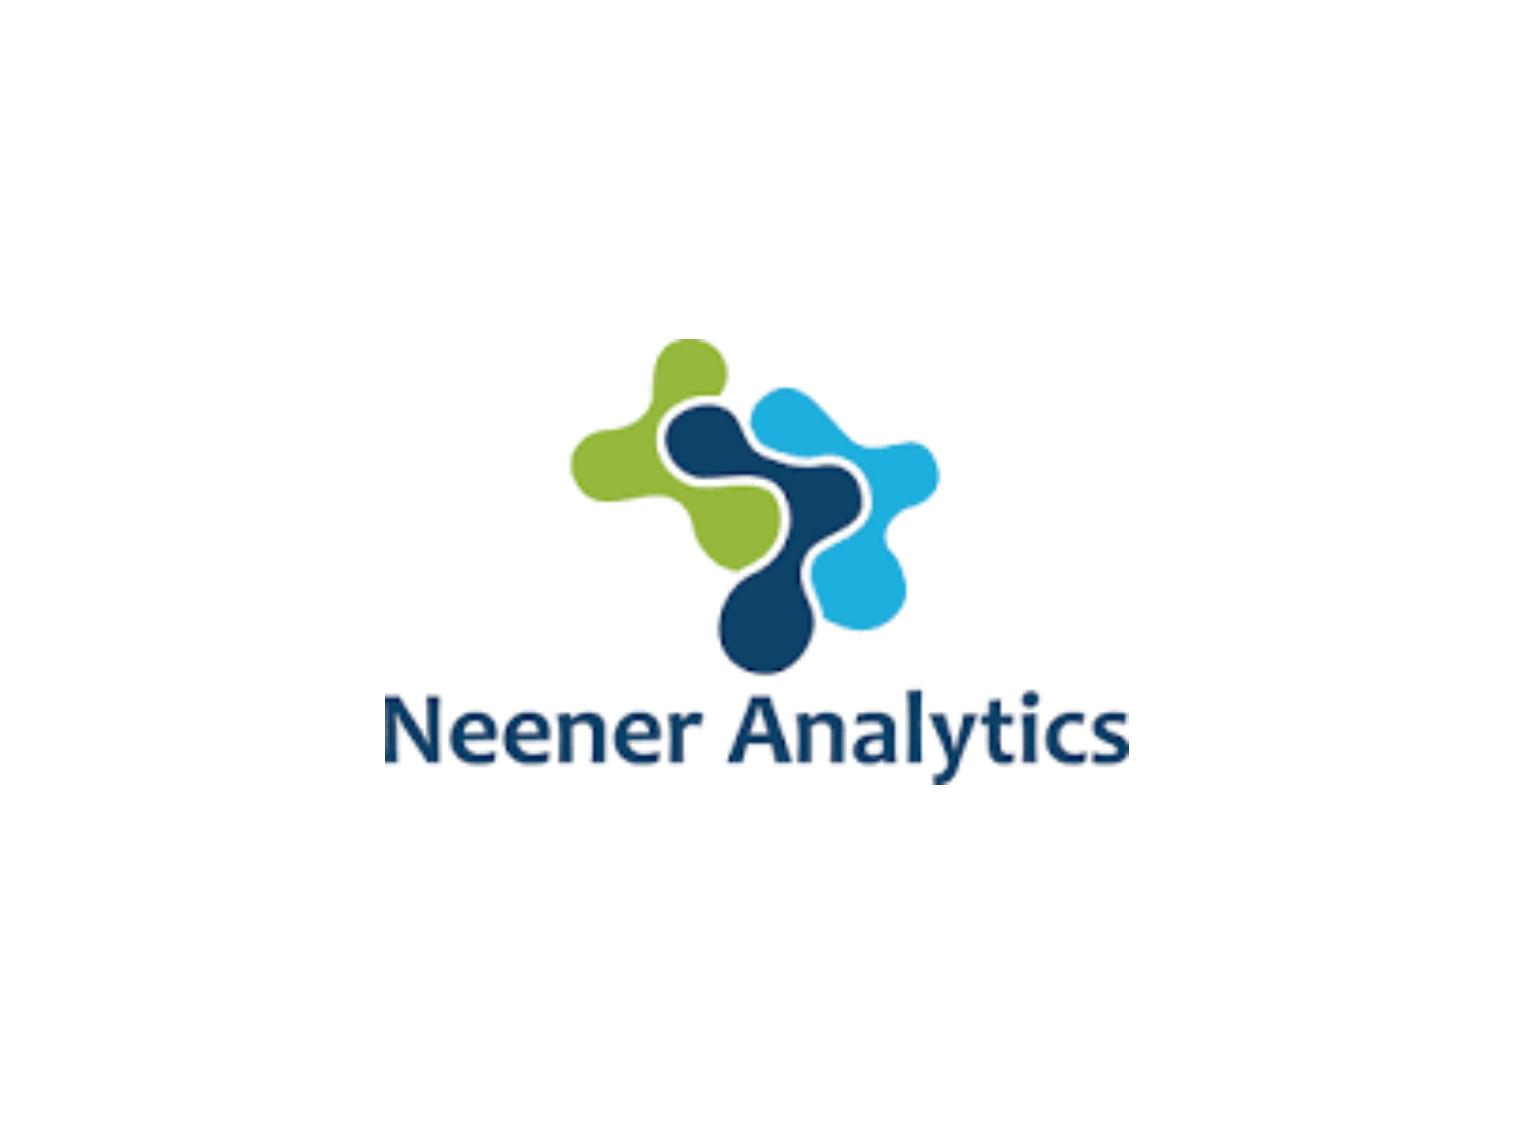 Neener Analytics